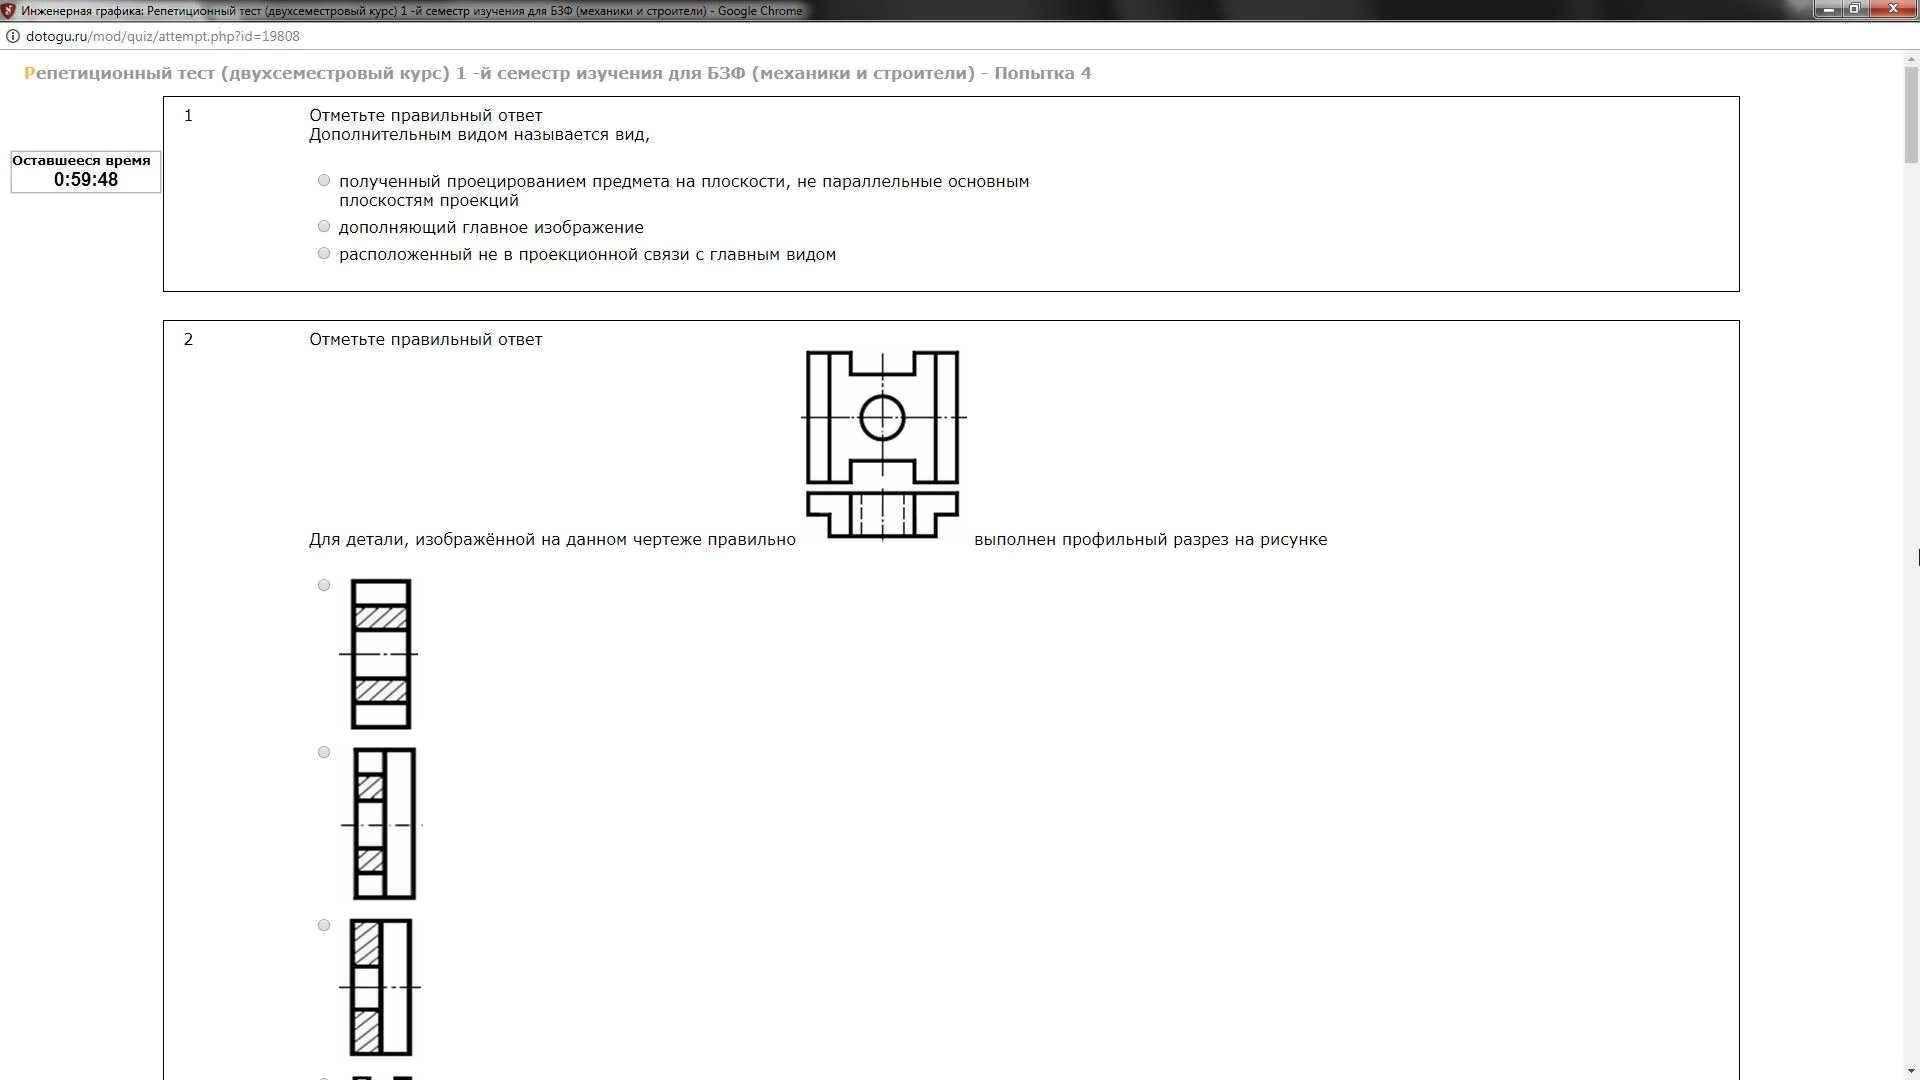 ответы на зачет по инженерной графике